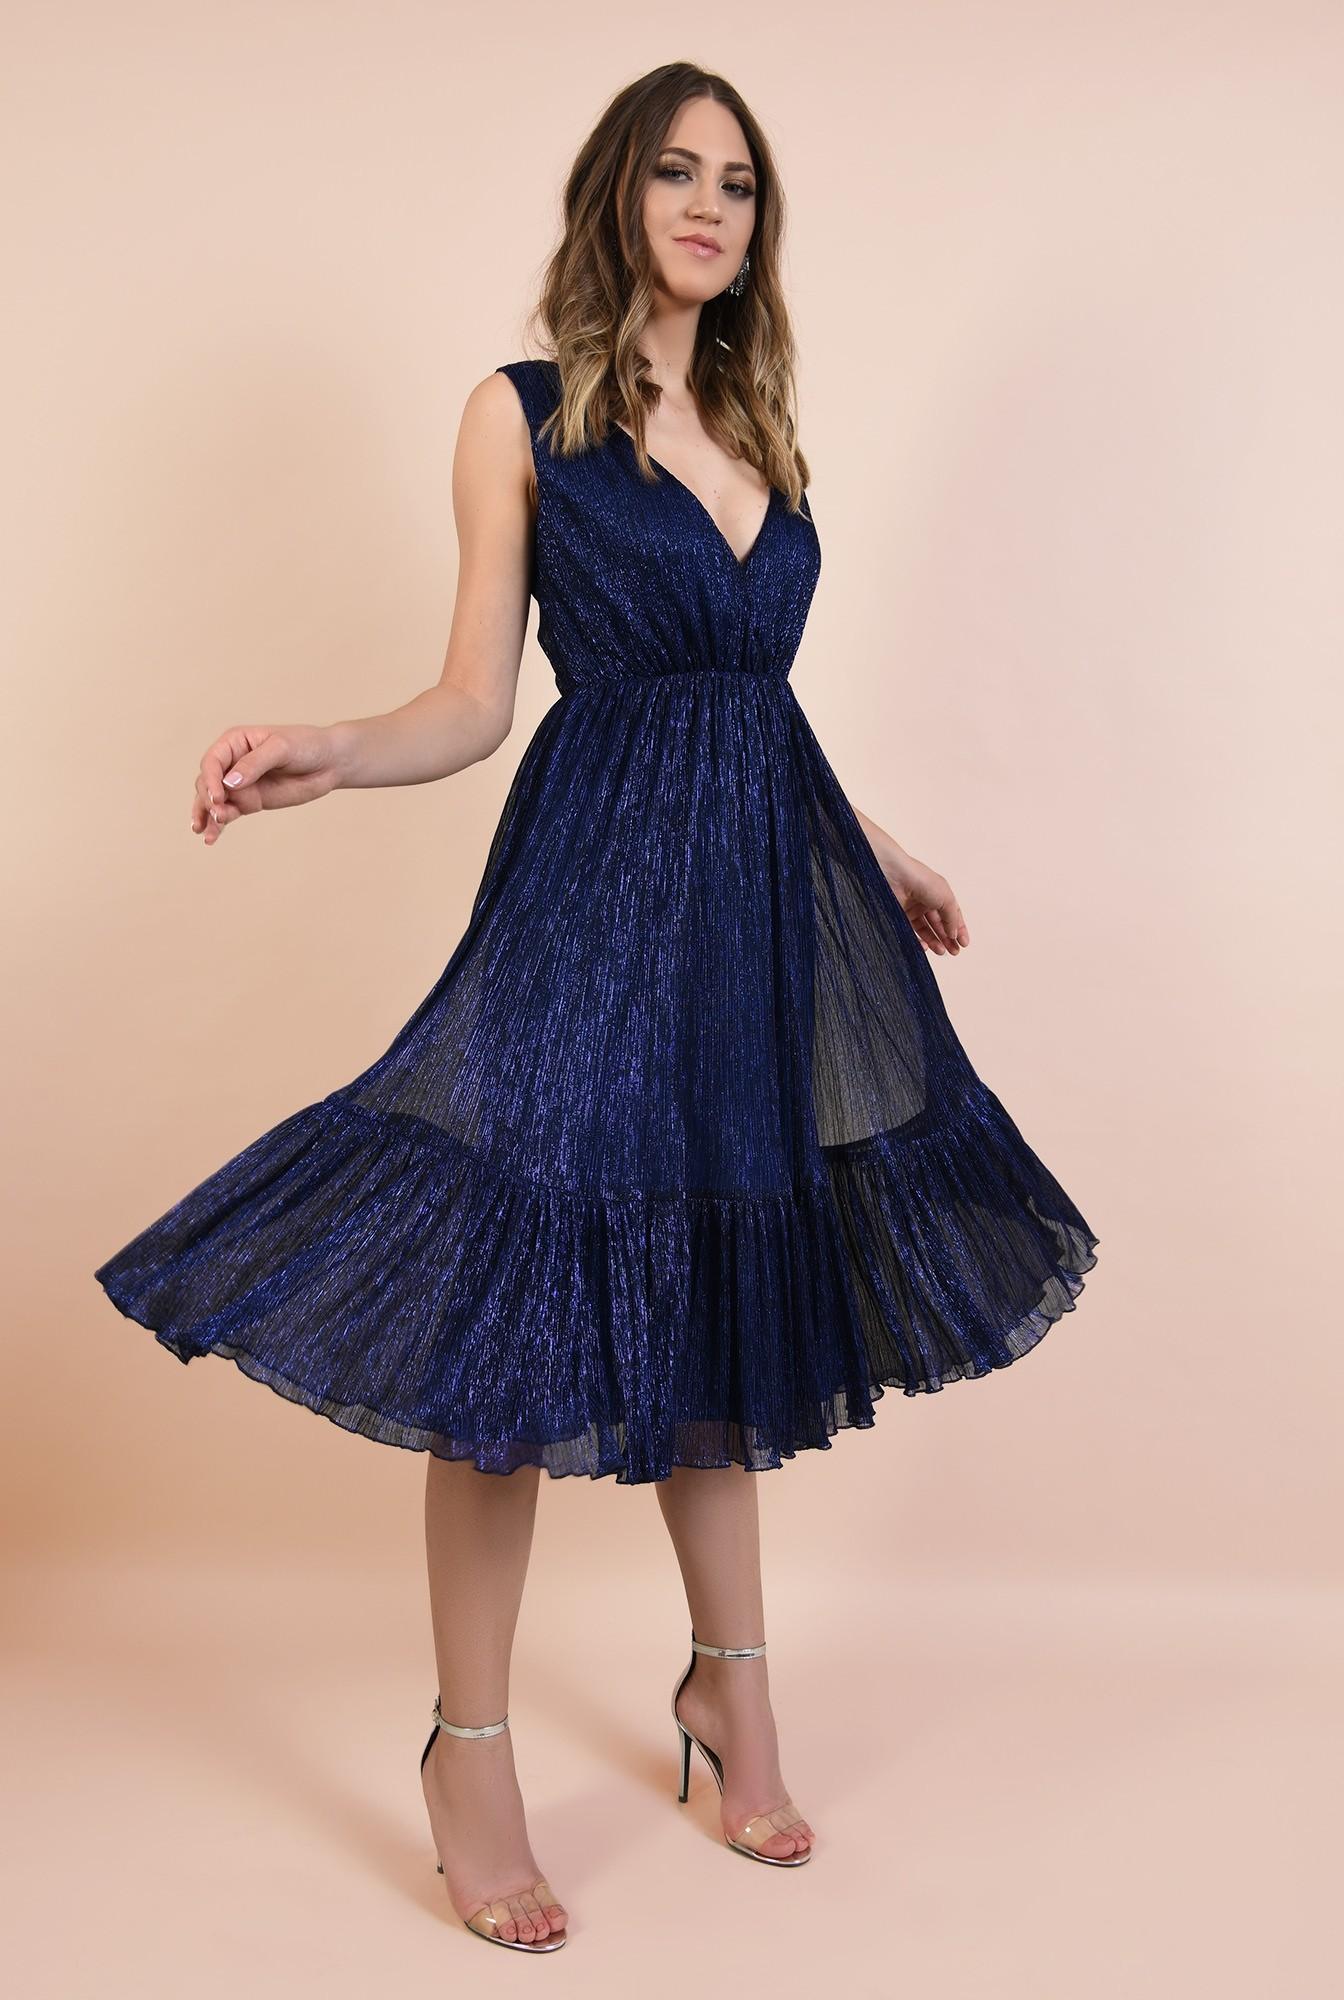 0 - rochie de seara, din lurex, elastic la talie, anchior petrecut, albastra, Poema